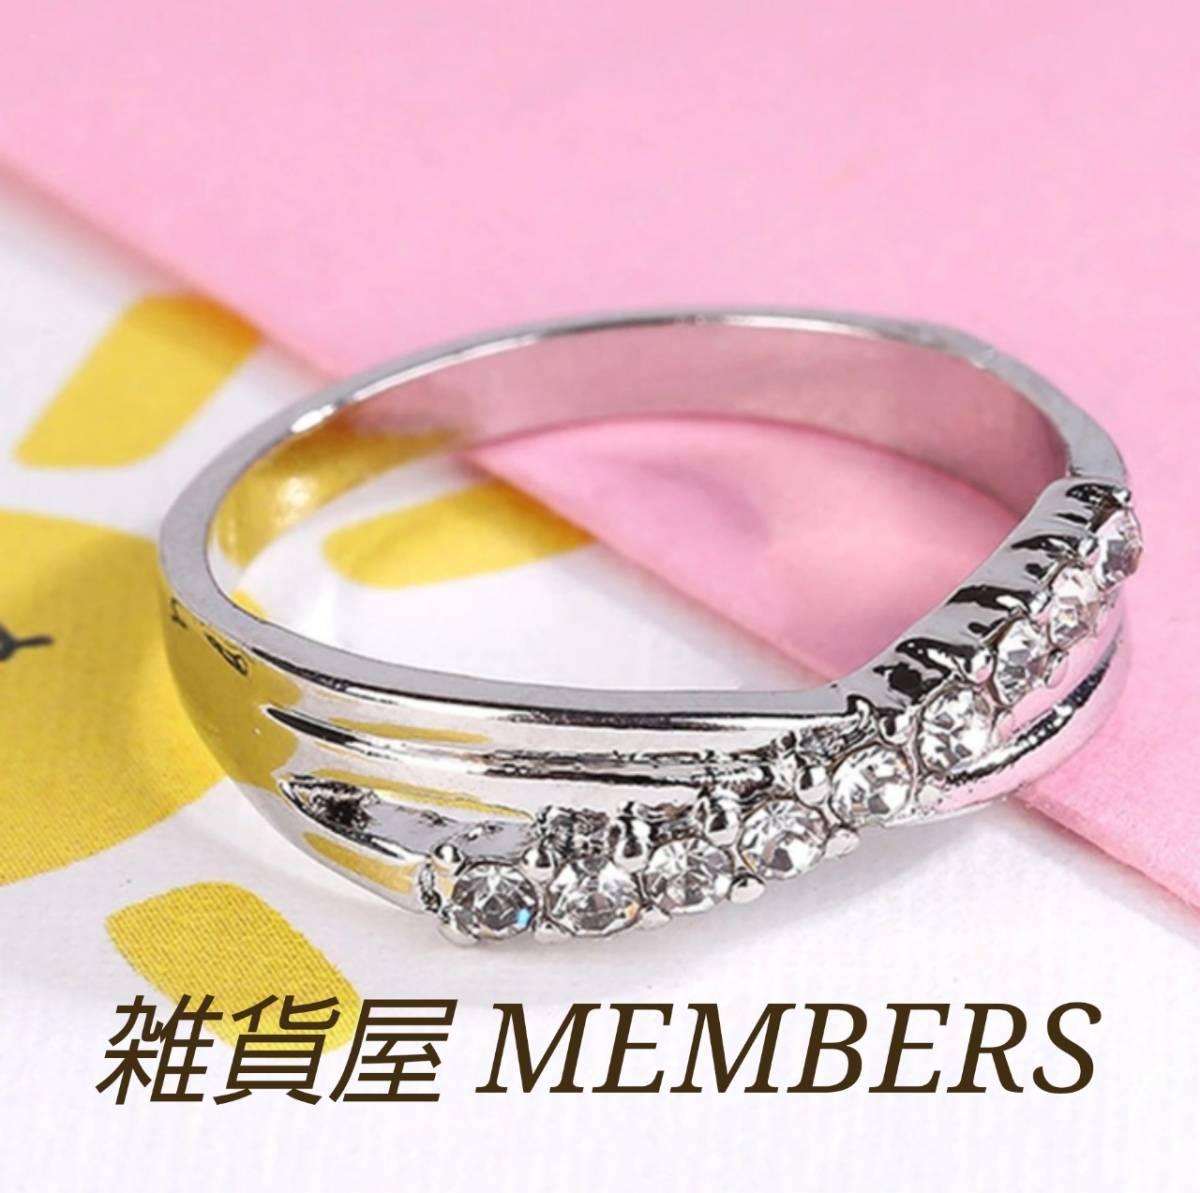 送料無料15号クロムシルバークリアスーパーCZダイヤモンドデザイナーズジュエリーインフィニティリング指輪値下げ残りわずか_画像1